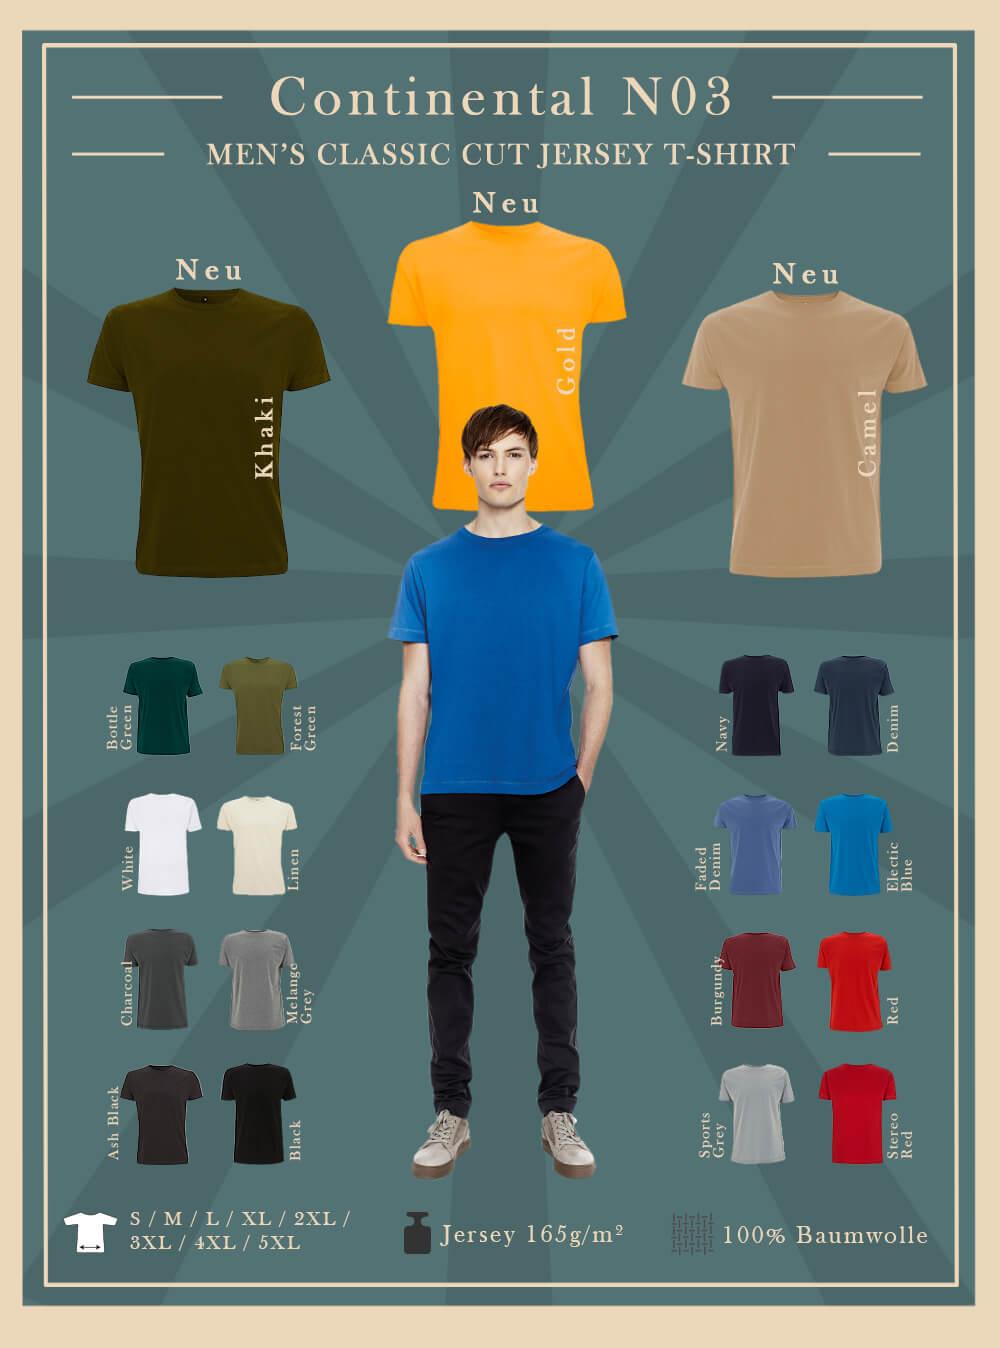 N03 Continental t-shirt